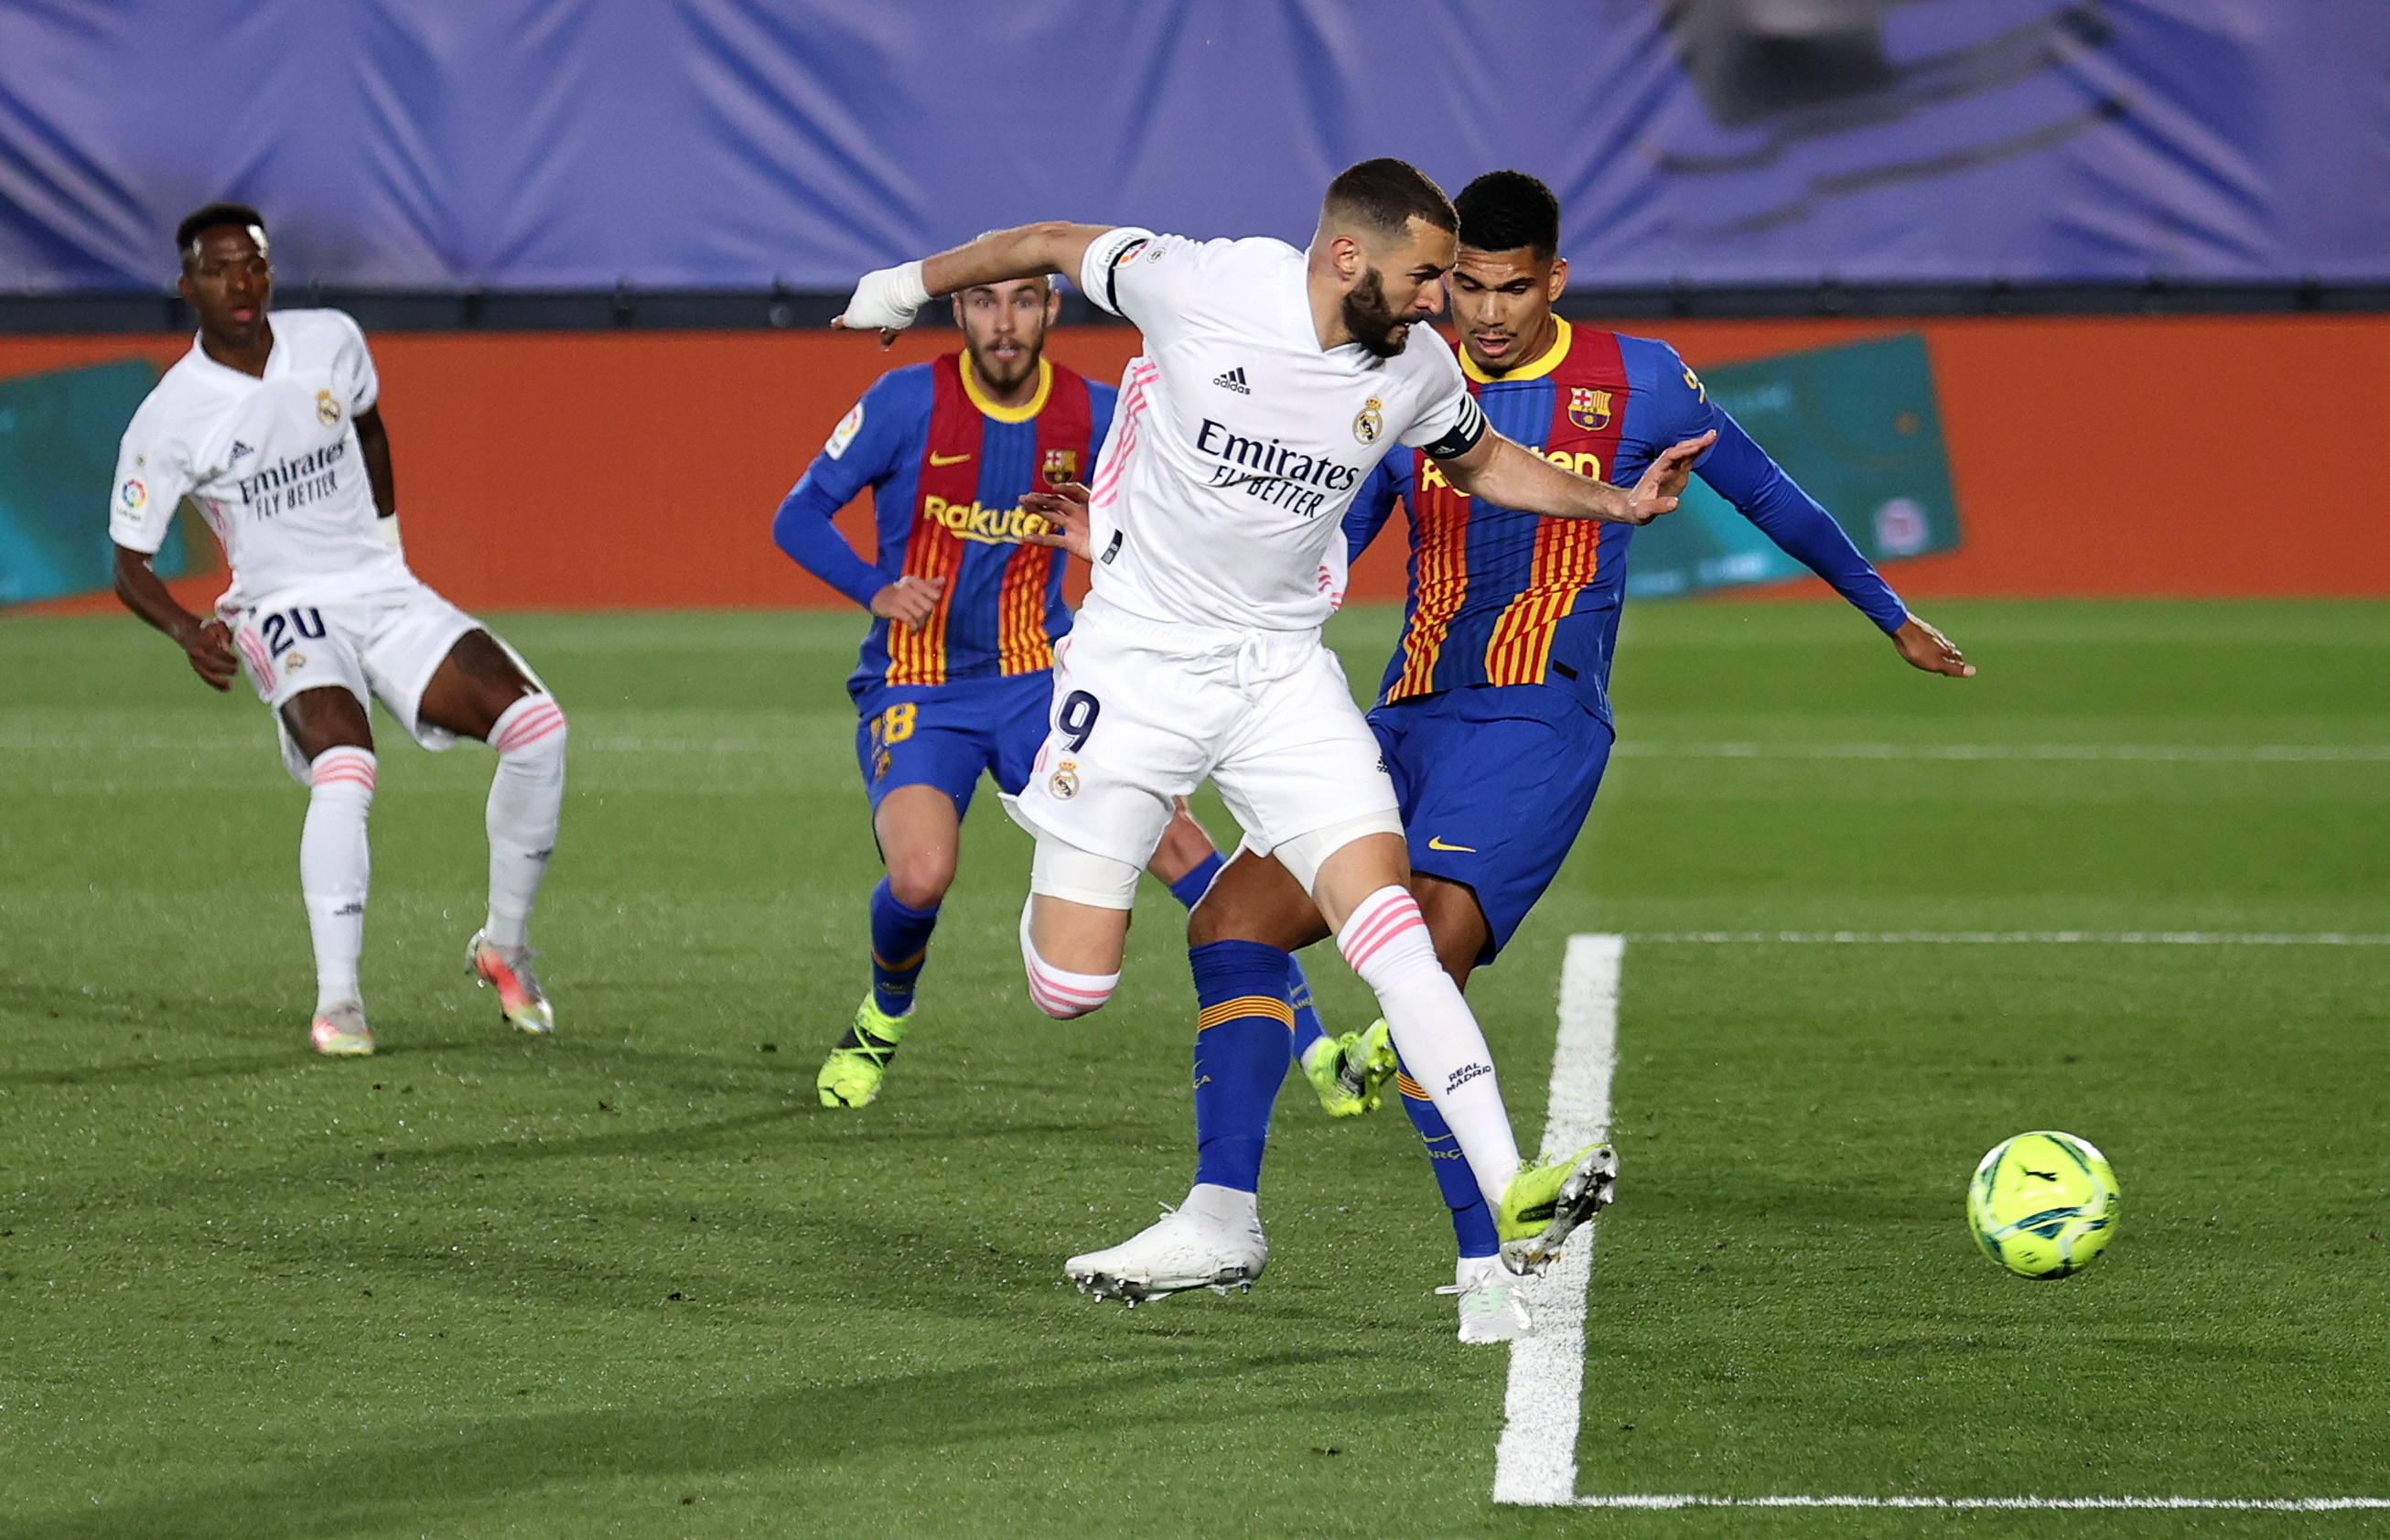 Karim Benzema ci mette solo 13 minuti a mettere la firma su Real Madrid-Barcellona: l&#39;attaccante francese, capitano dei Blancos, riceve da Lucas Vazquez un cross&nbsp;e lo trasforma in rete con un perfetto colpo di tacco che sorprende ter Stegen sul suo palo. Spettacolo nel Clasico.<br /><br />